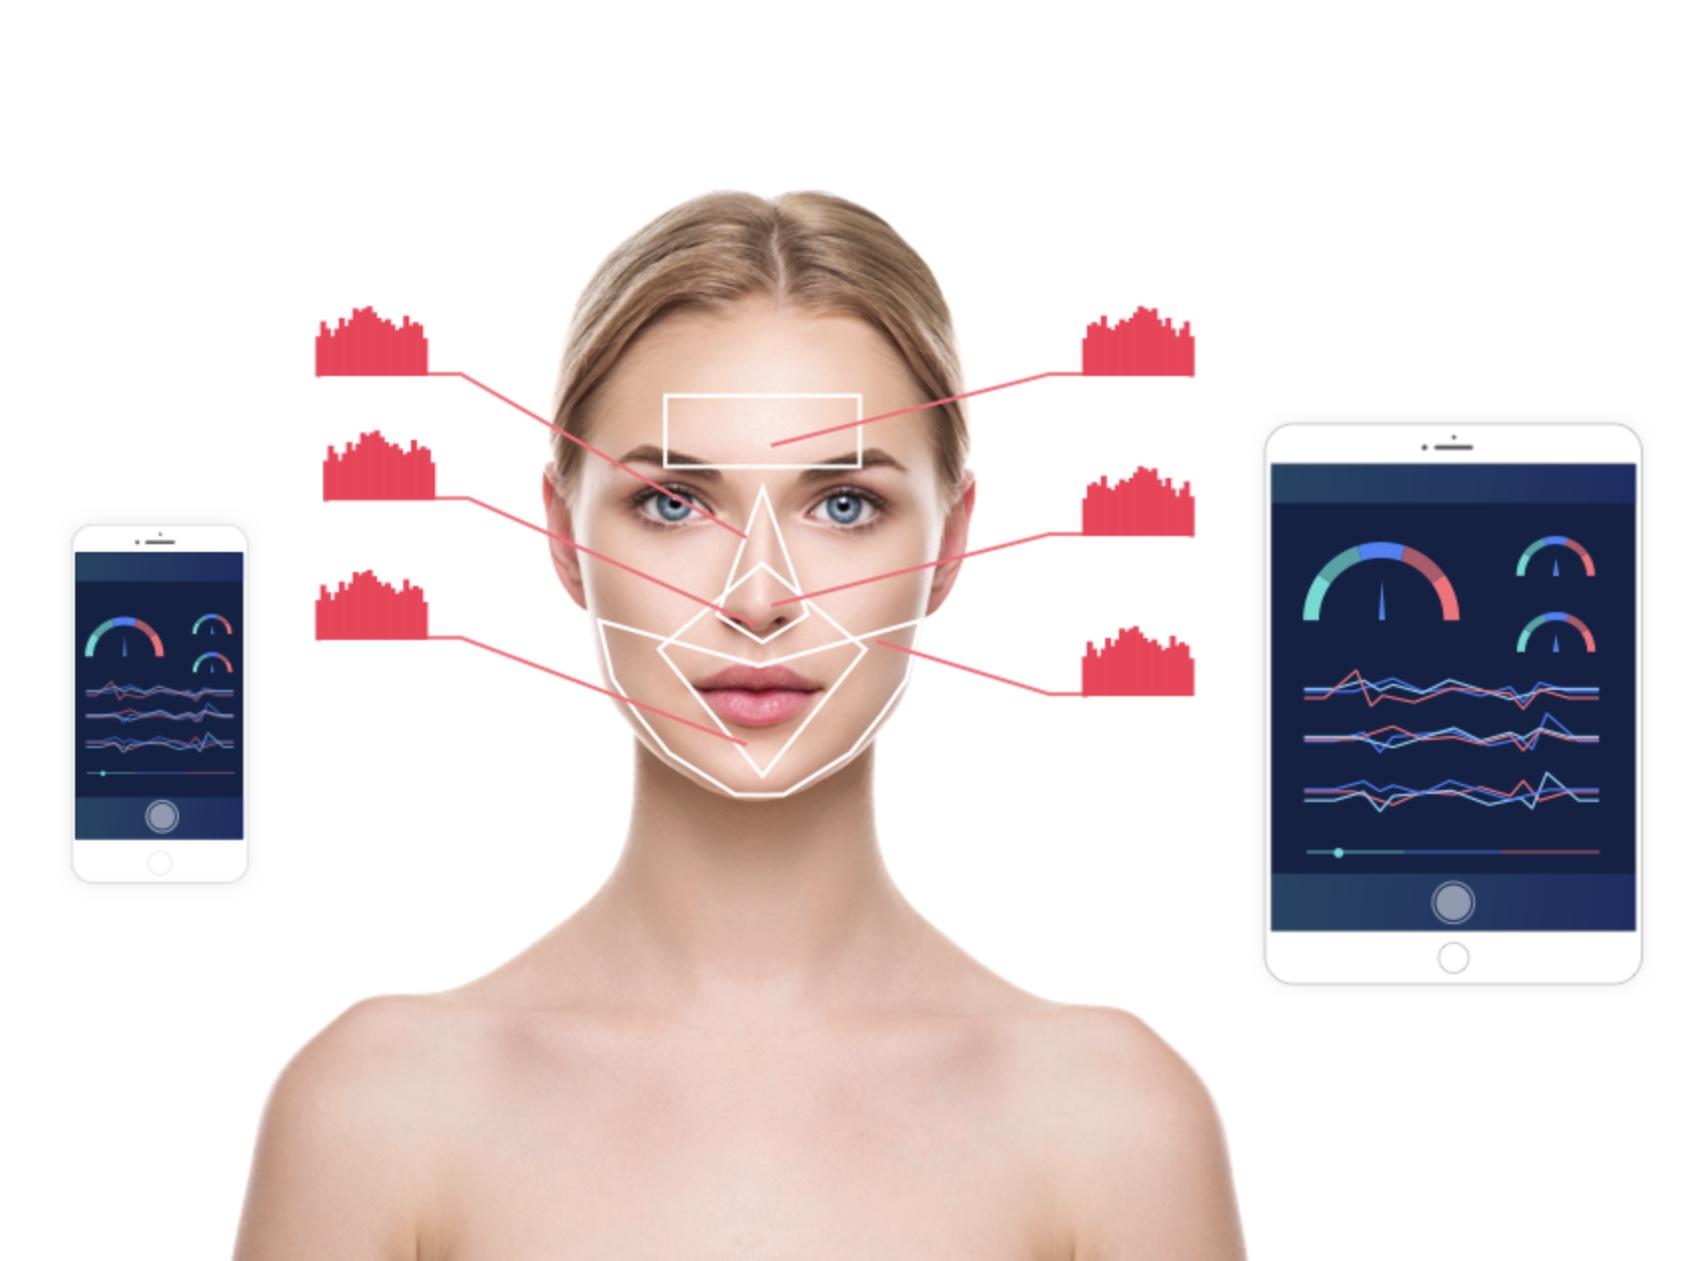 30秒のセルフィービデオで血圧が測定できる! トロント大学研究者が開発中